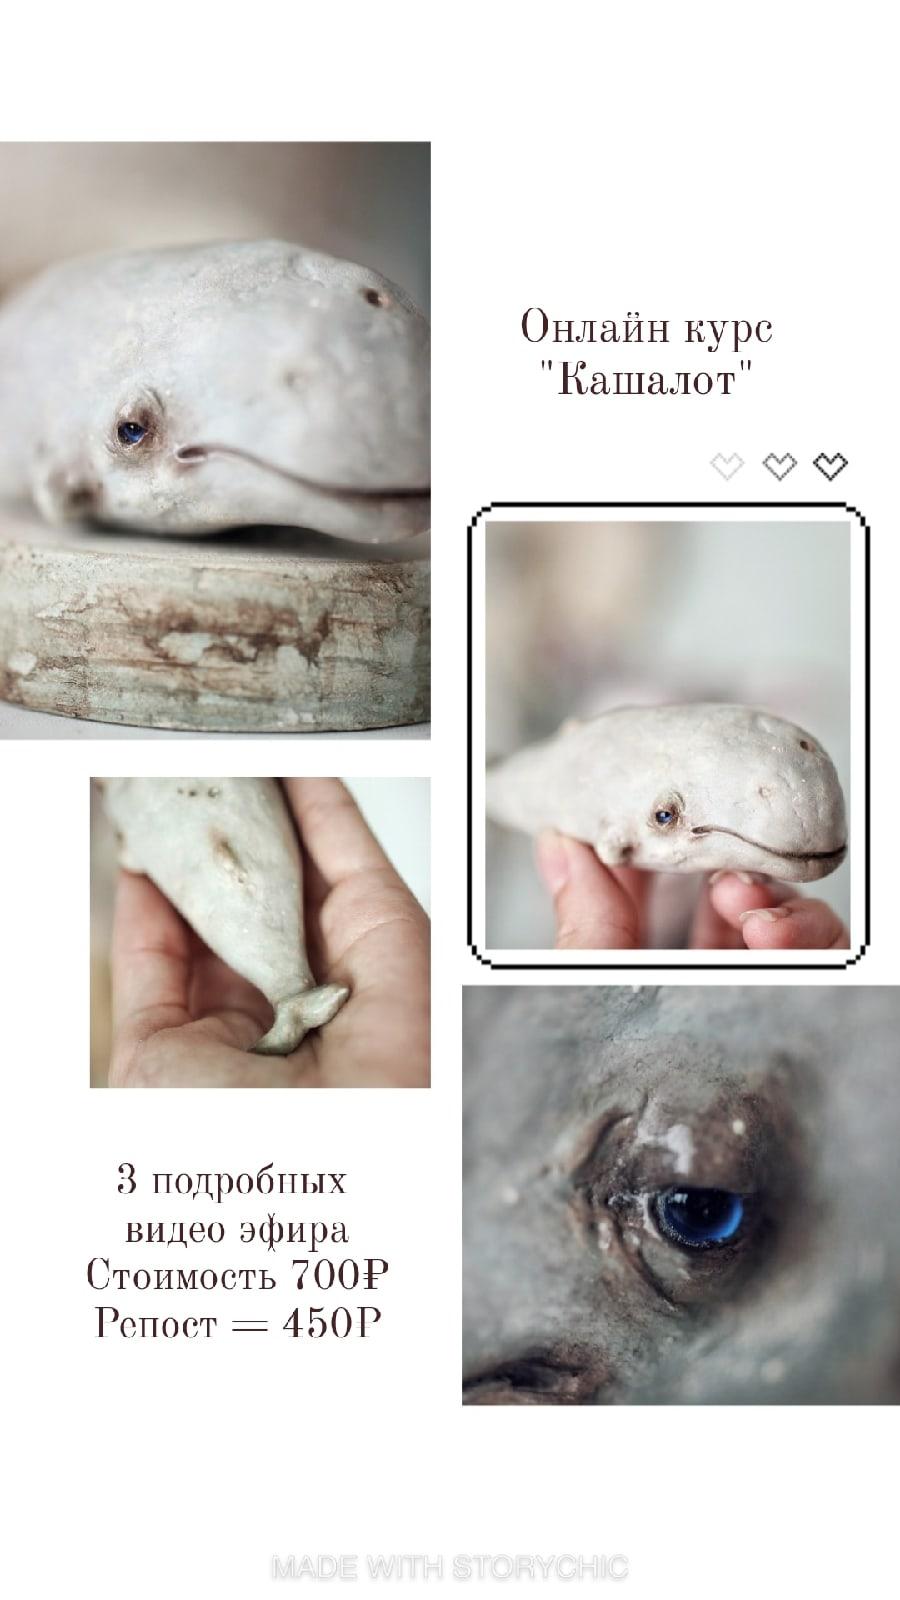 Киты Марики Шмидт